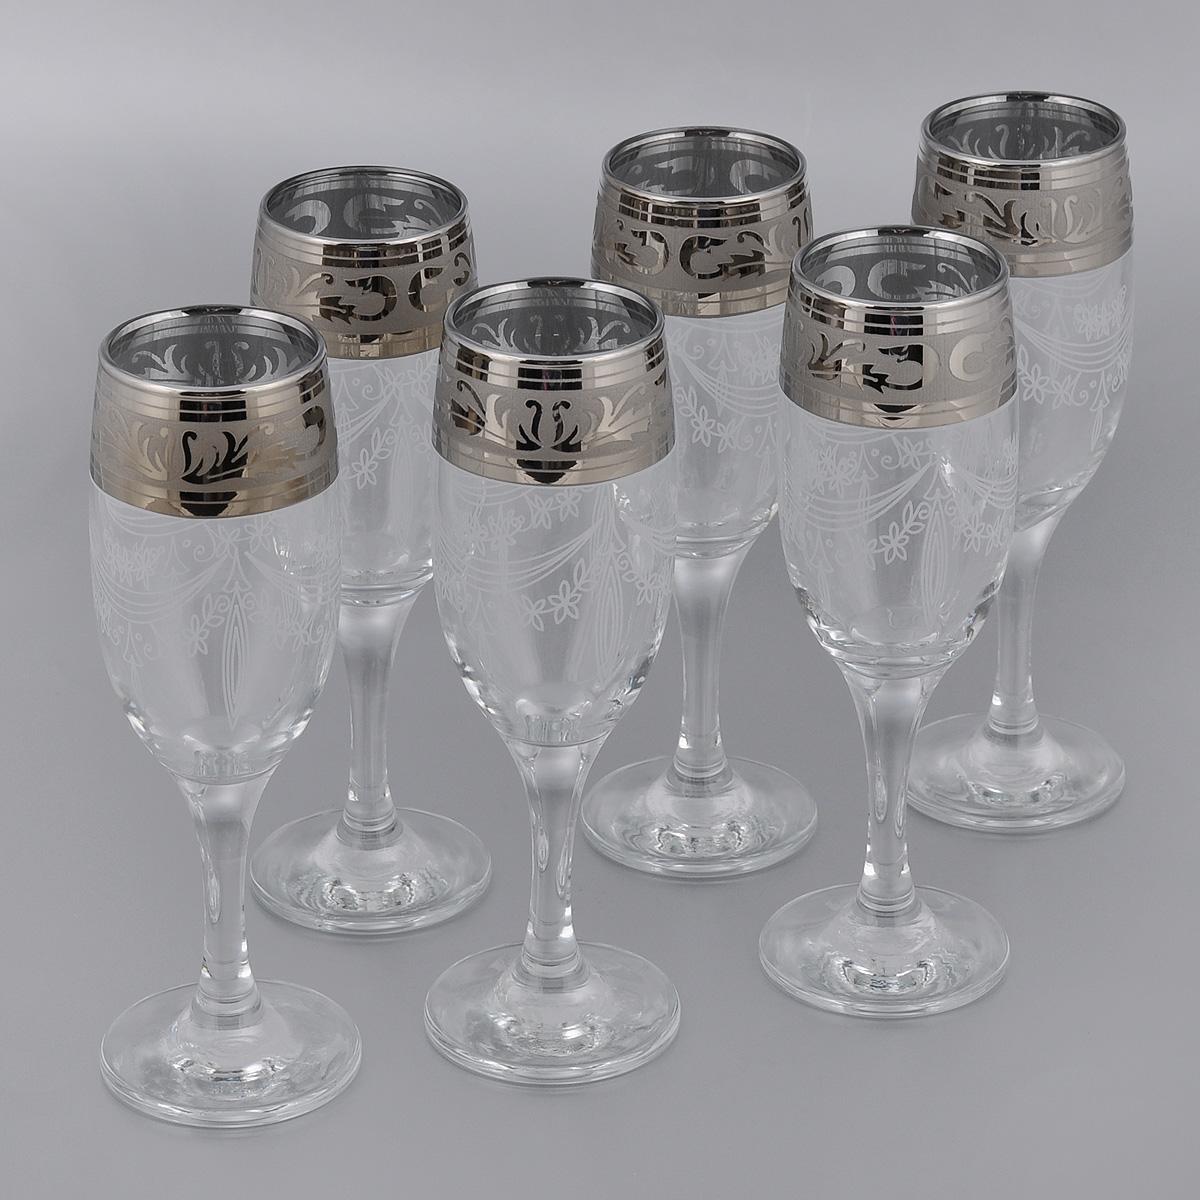 """Набор Гусь-Хрустальный """"Русский узор"""" состоит из 6 бокалов на длинных тонких ножках, изготовленных из высококачественного натрий-кальций-силикатного стекла. Изделия оформлены красивым зеркальным покрытием и белым матовым орнаментом. Бокалы предназначены для шампанского или вина. Такой набор прекрасно дополнит праздничный стол и станет желанным подарком в любом доме.  Разрешается мыть в посудомоечной машине.  Диаметр бокала (по верхнему краю): 5 см.  Высота бокала: 19 см."""